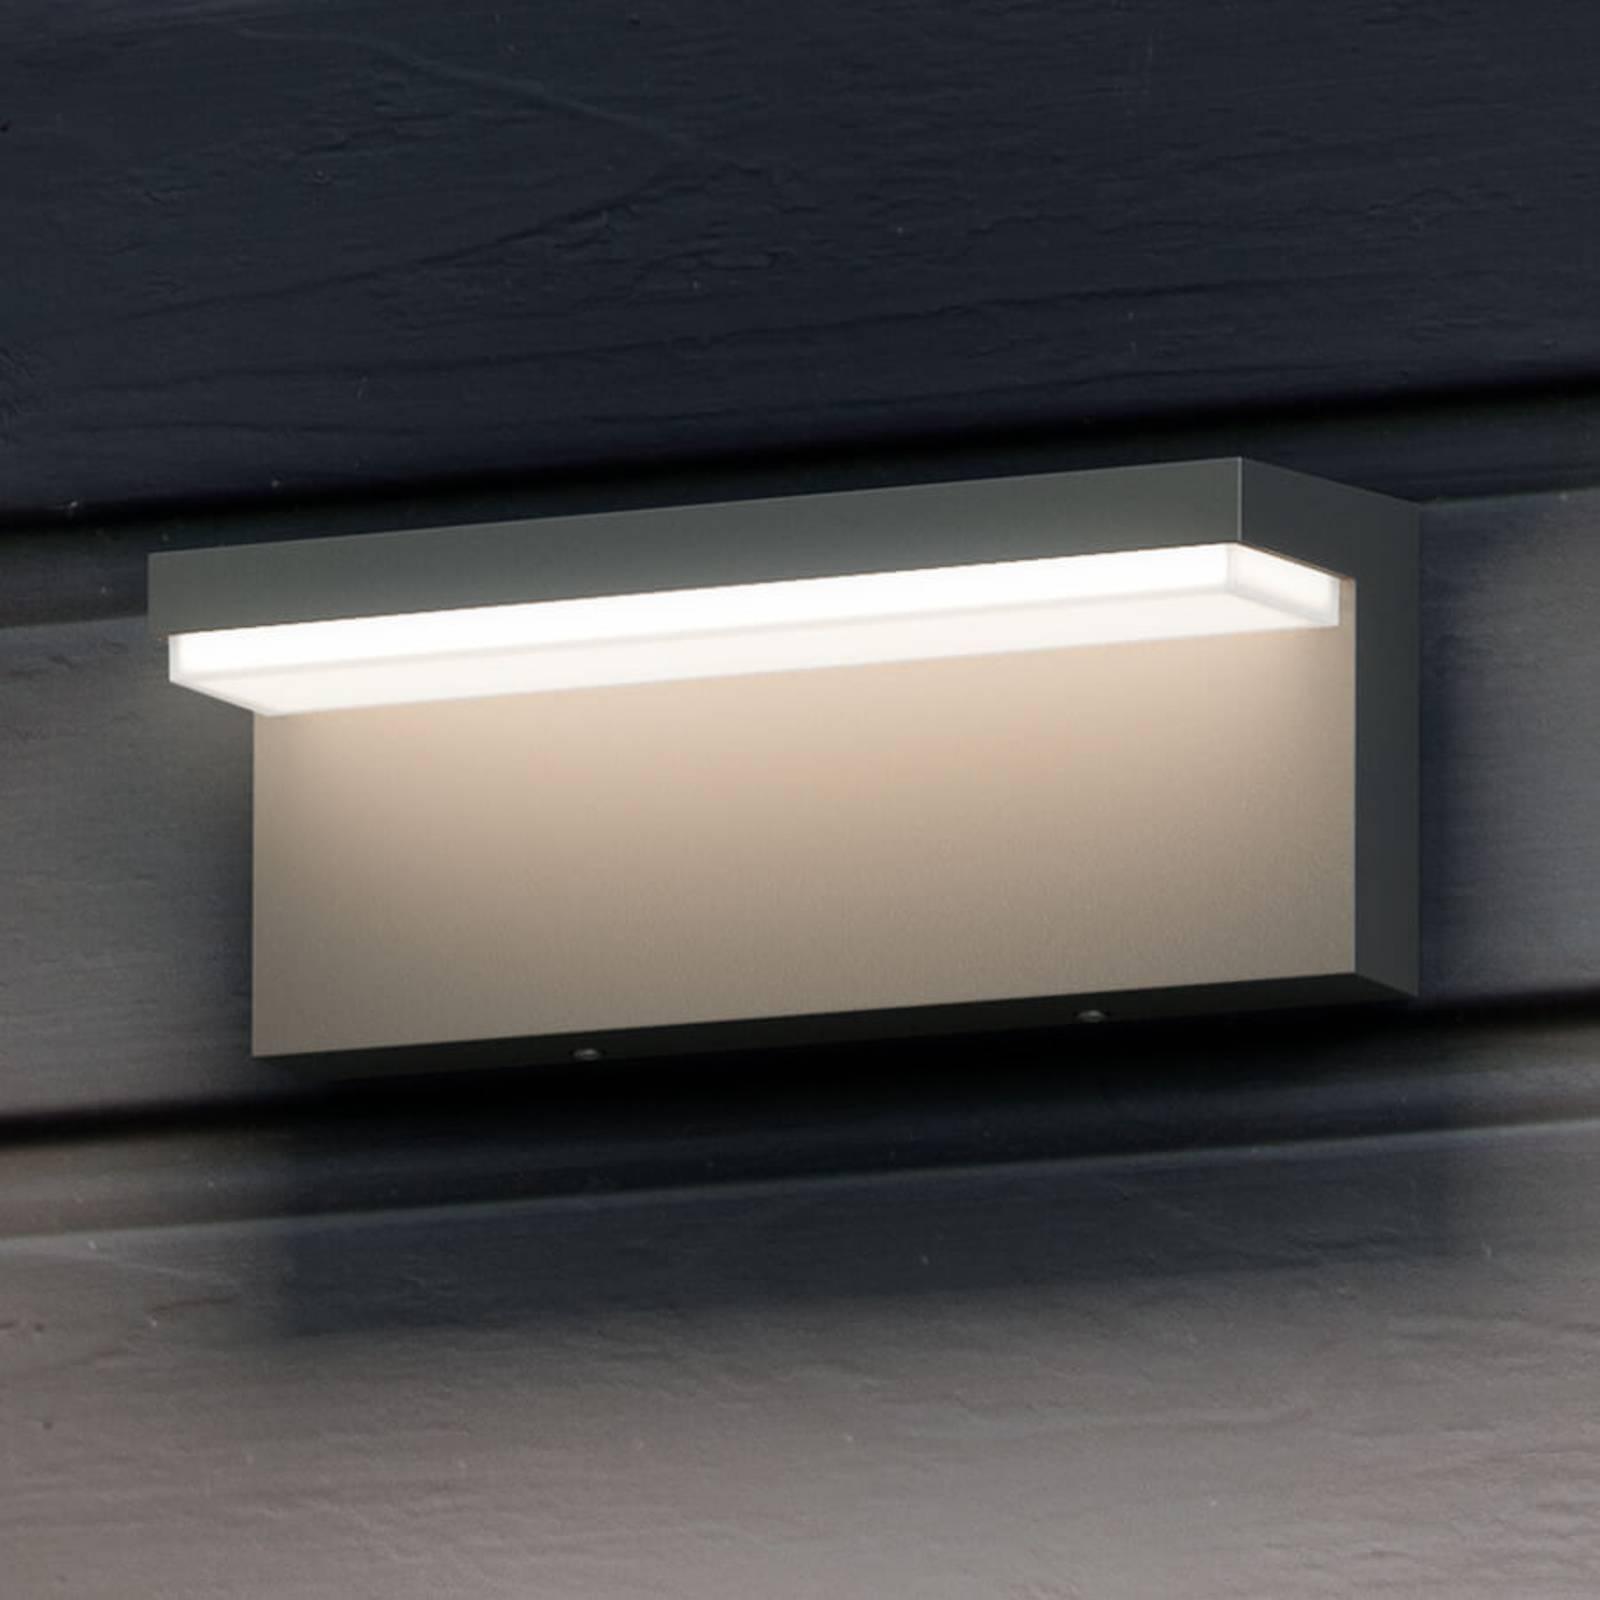 Hoekige Led-buitenwandlamp Bustan